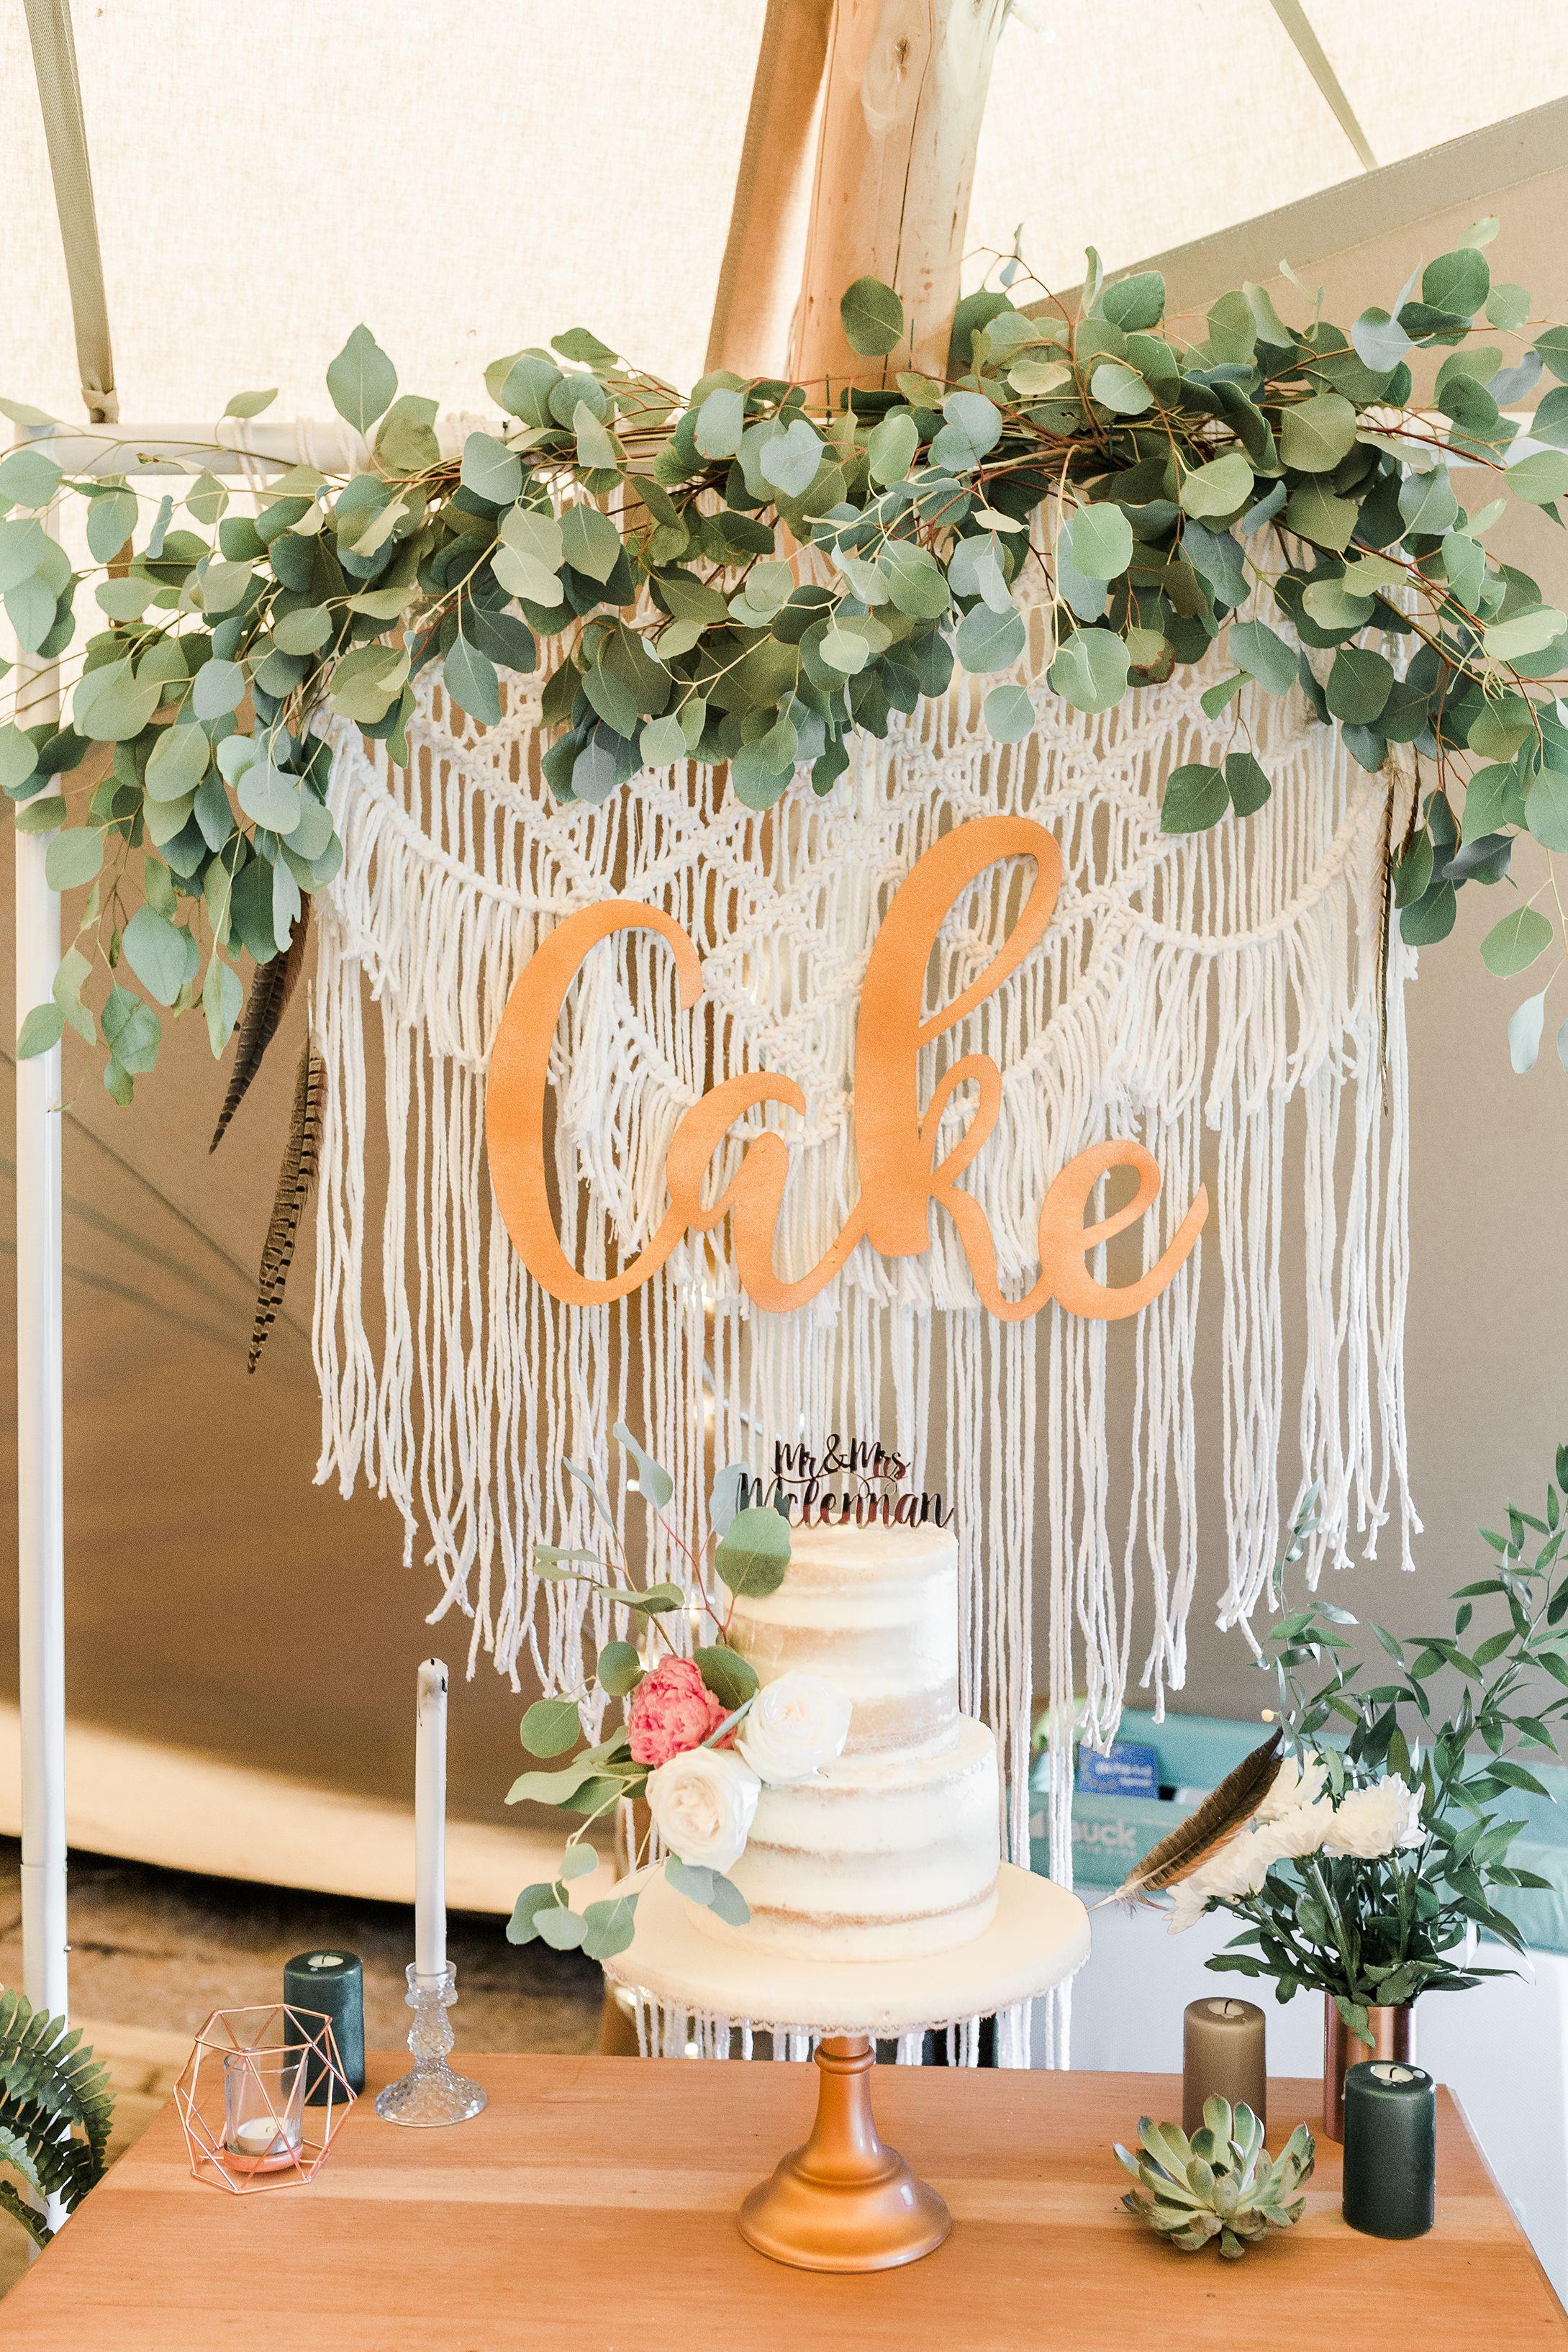 Boho botanical wedding cake backdrop with macrame wall